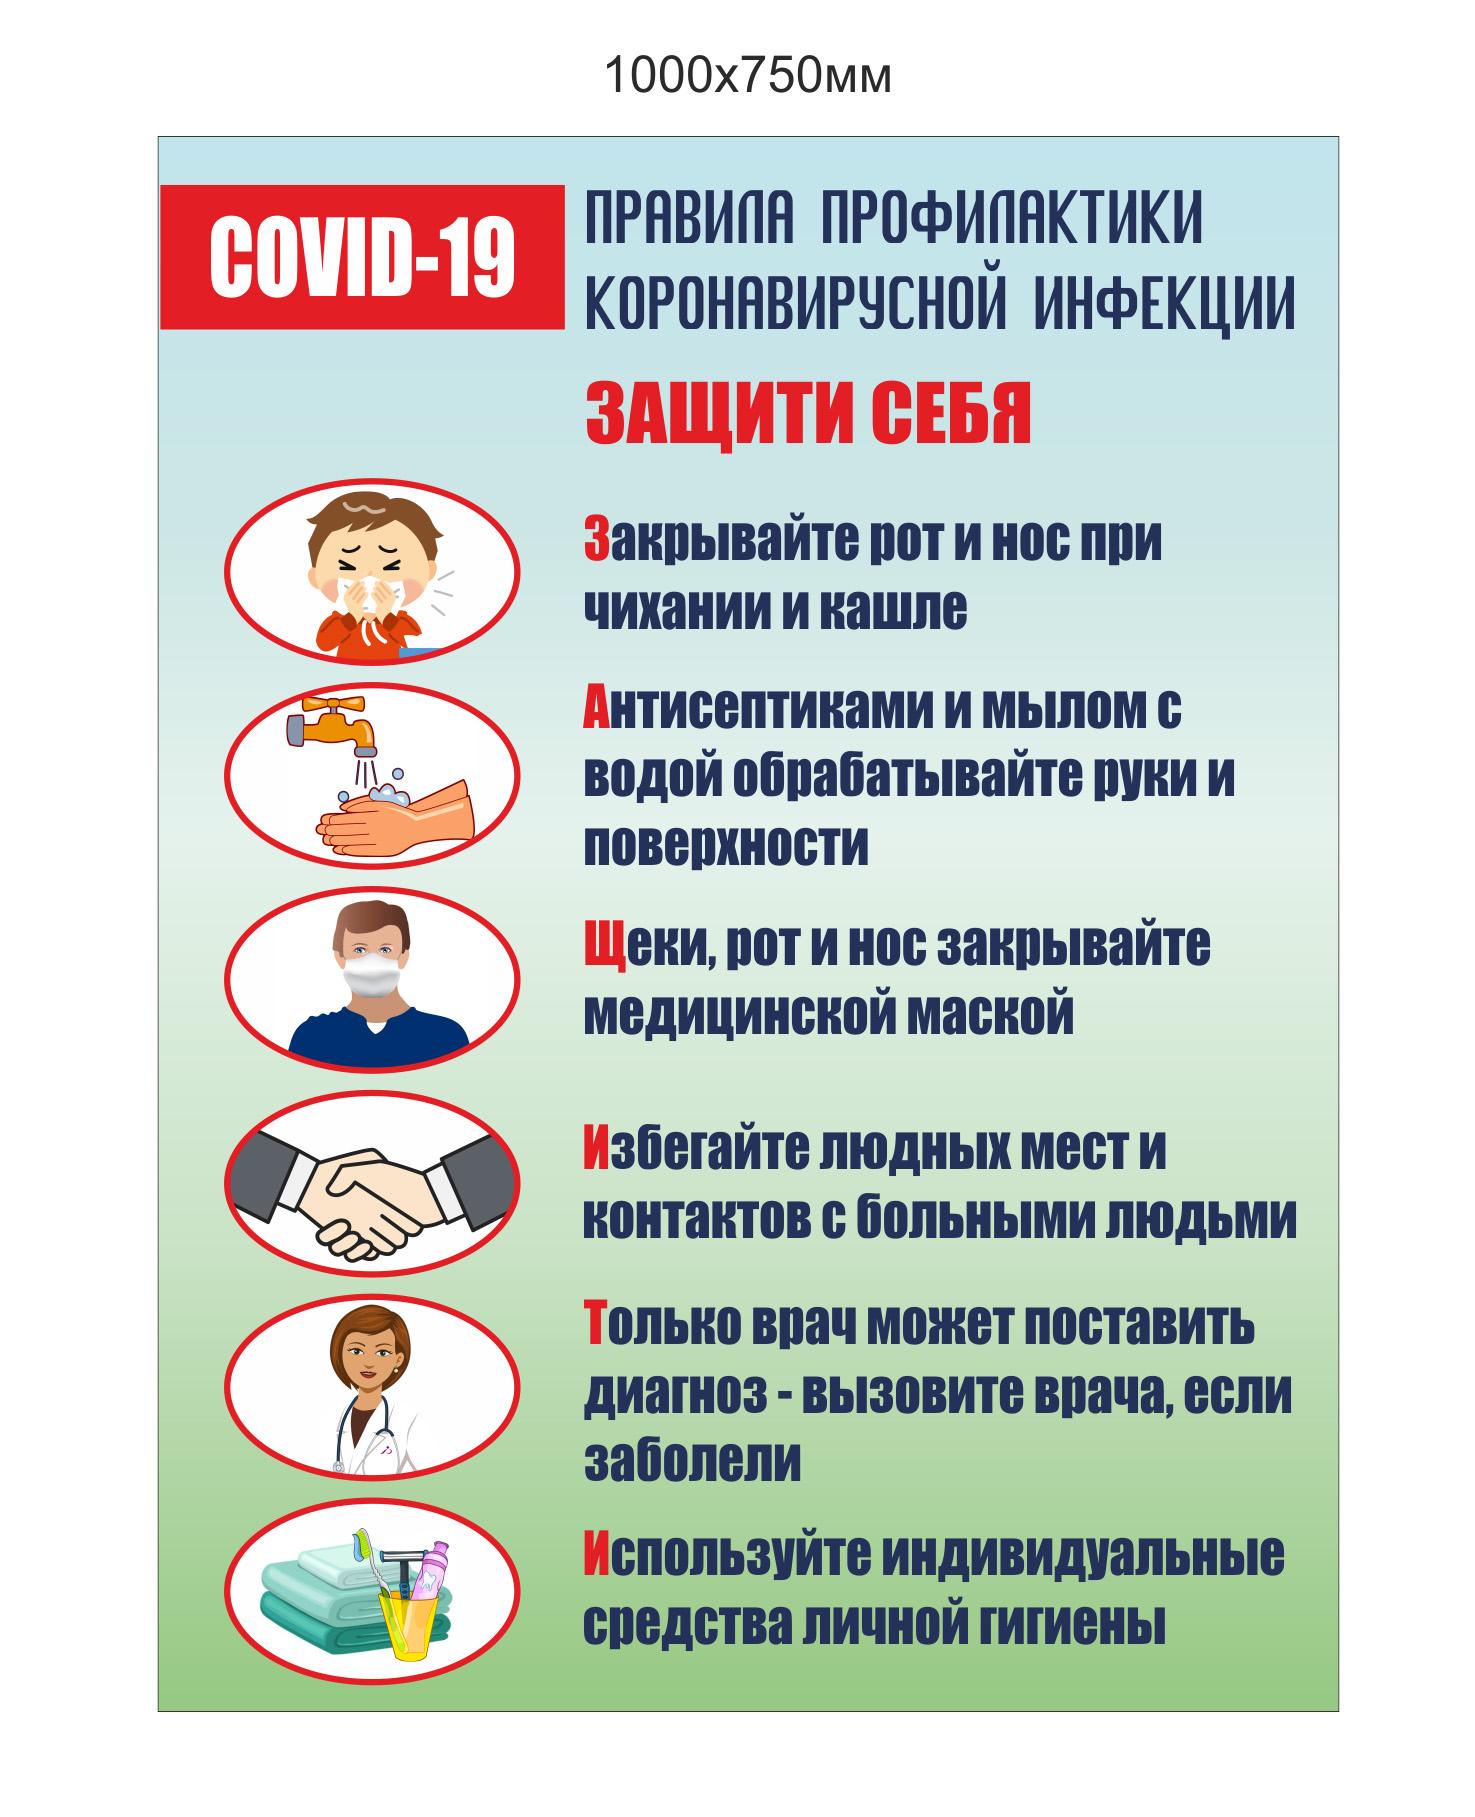 Правила профилактики коронавирусной инфекции!